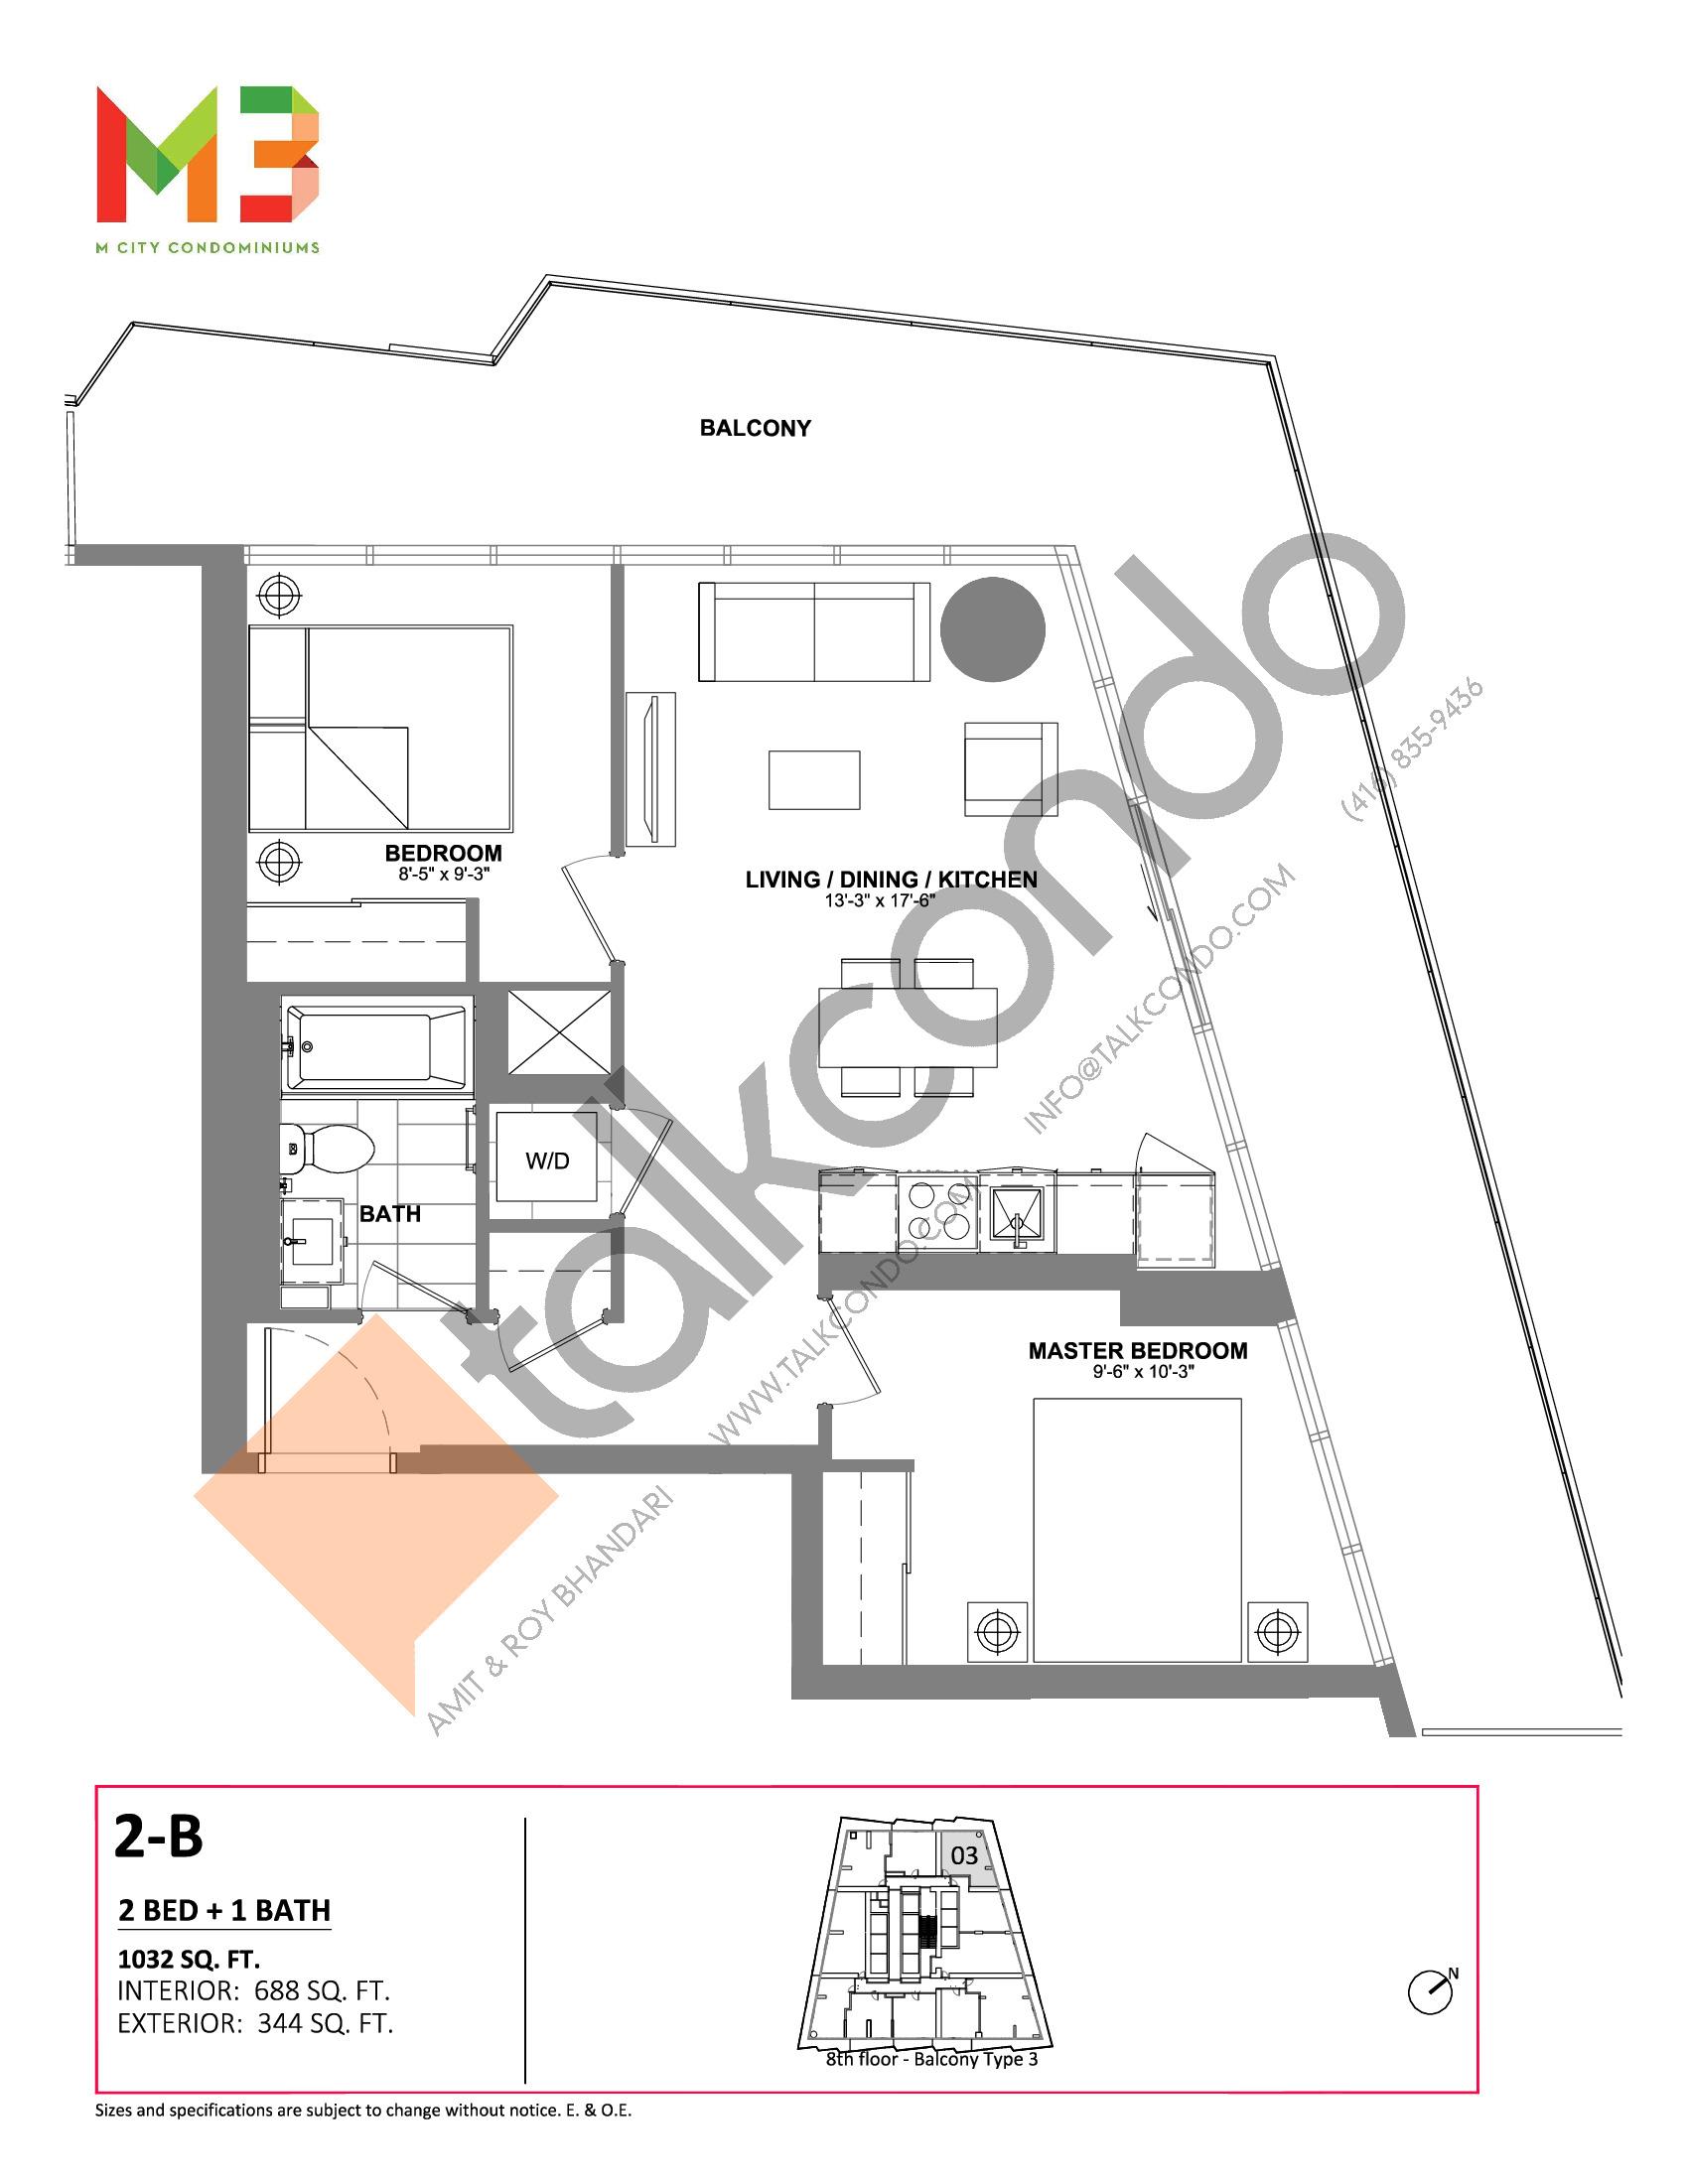 2-B Floor Plan at M3 Condos - 688 sq.ft